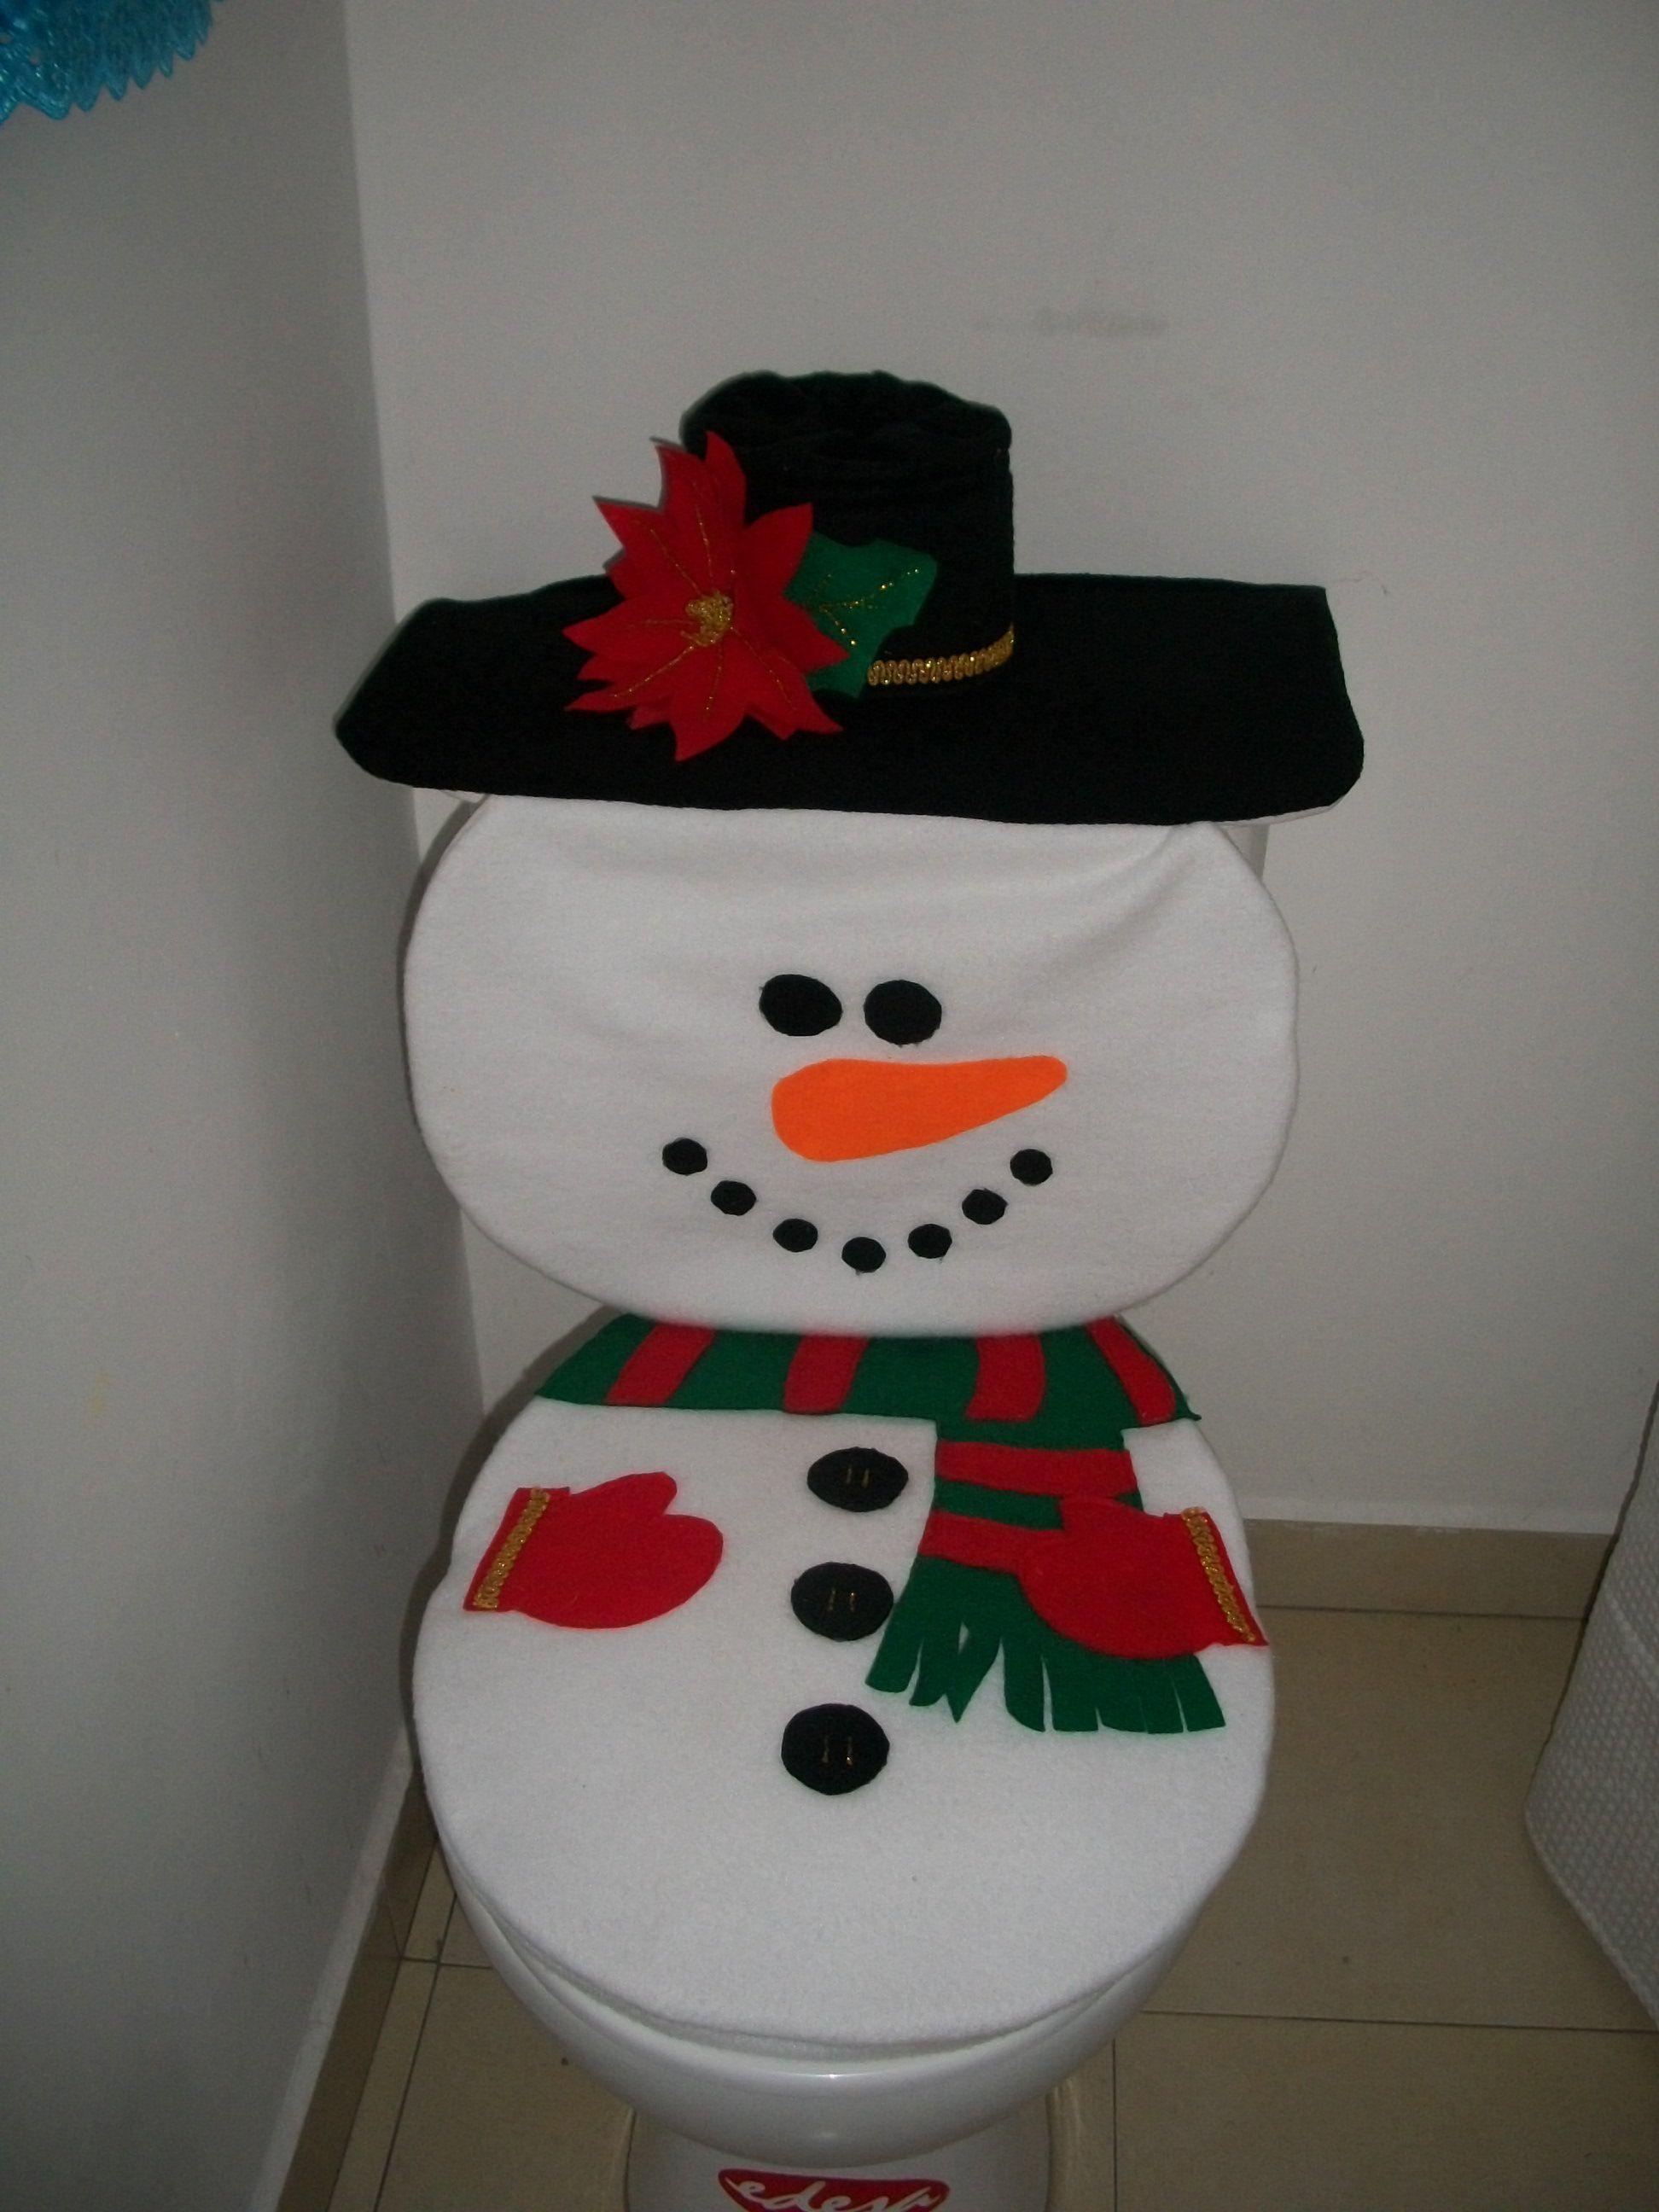 Juego de ba o navide o snowman juegos de ba o navide os - Decoracion navidena para banos ...